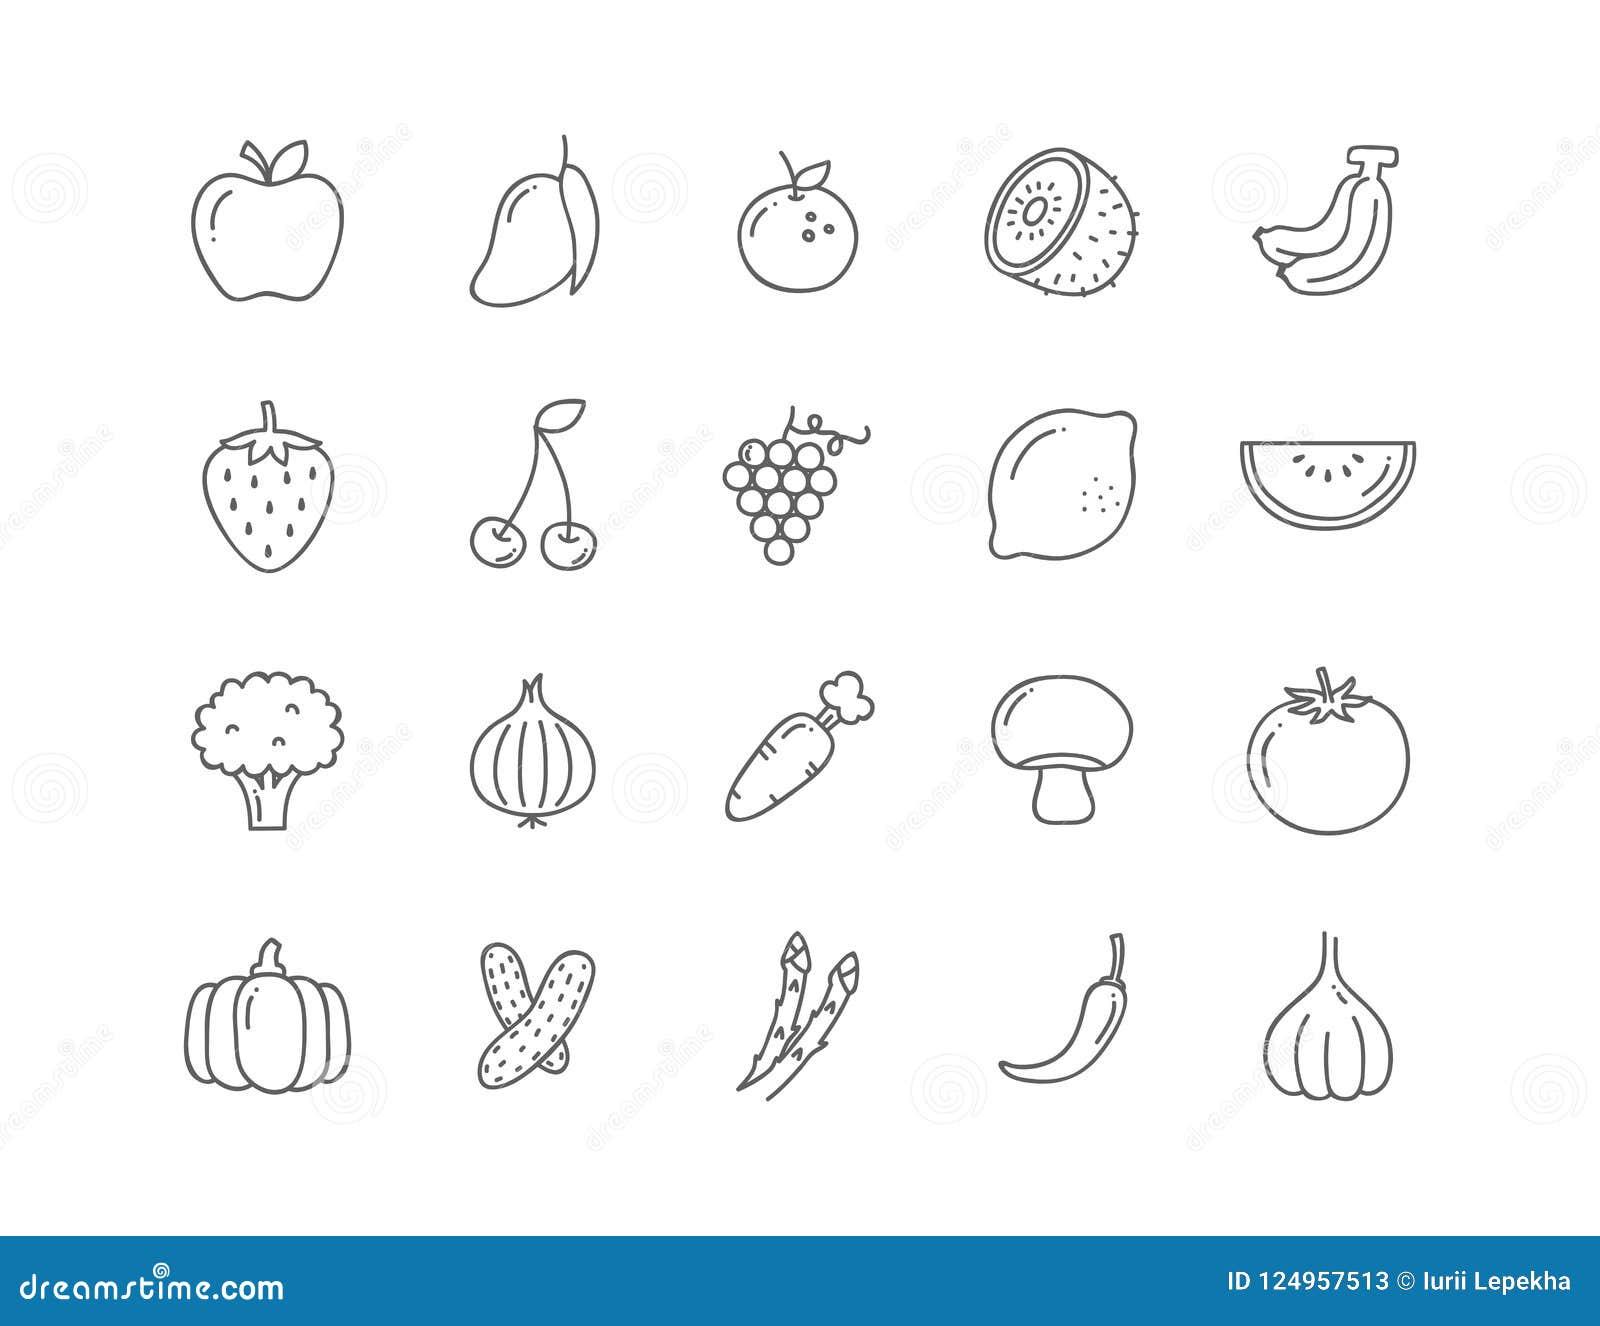 Stellen Sie Lebensmittel des 20 Ikonen-strengen Vegetariers, Satz Ausweise, Embleme und Stempel ein